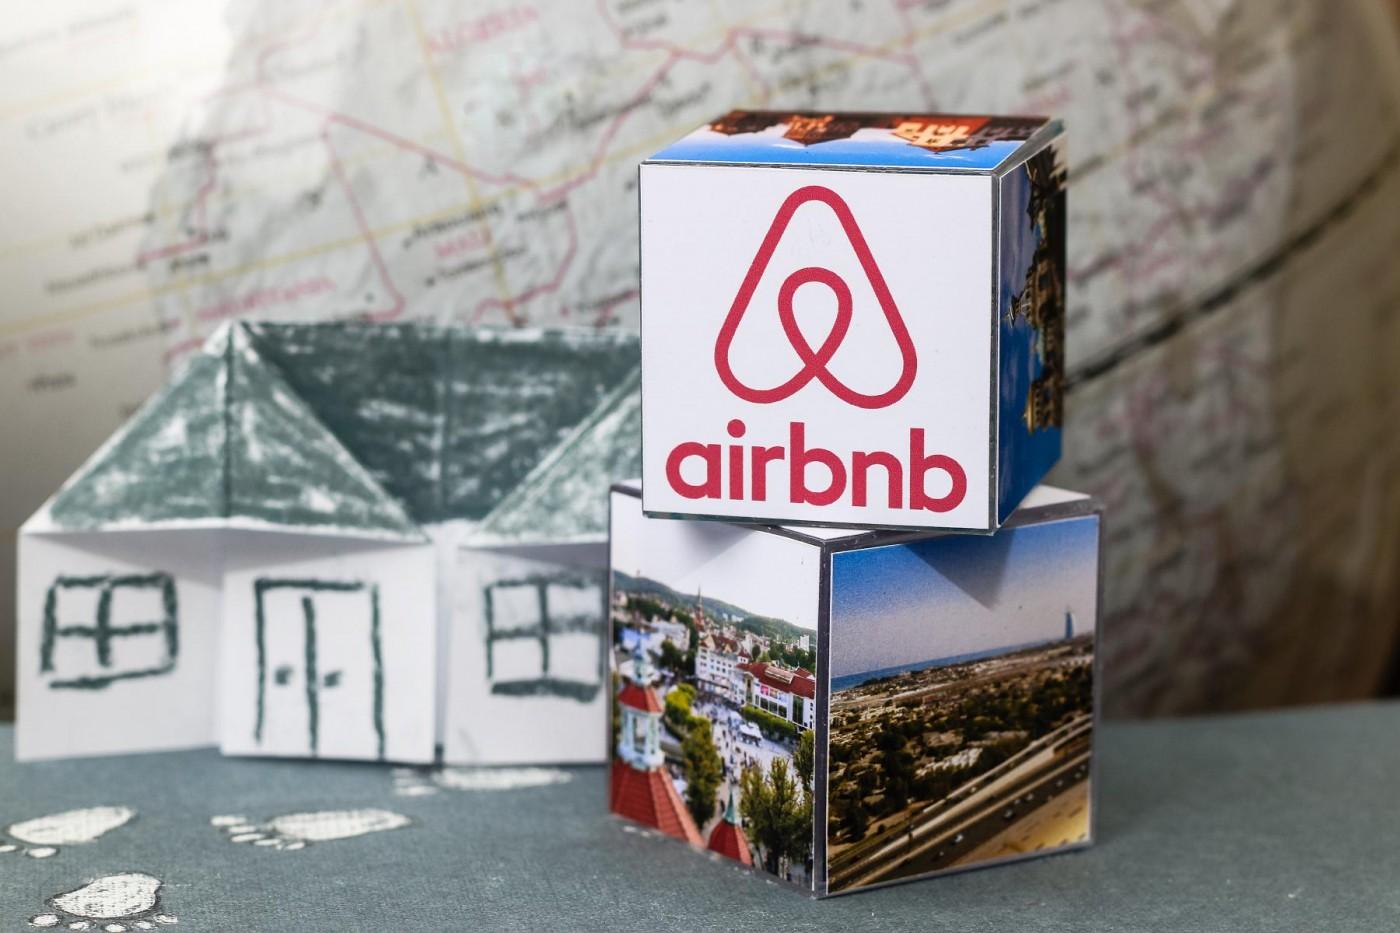 Airbnb:已將說出「就算地球上只剩下妳,我也不會把房子租給妳。」歧視亞洲人言論的房東永久移除停權